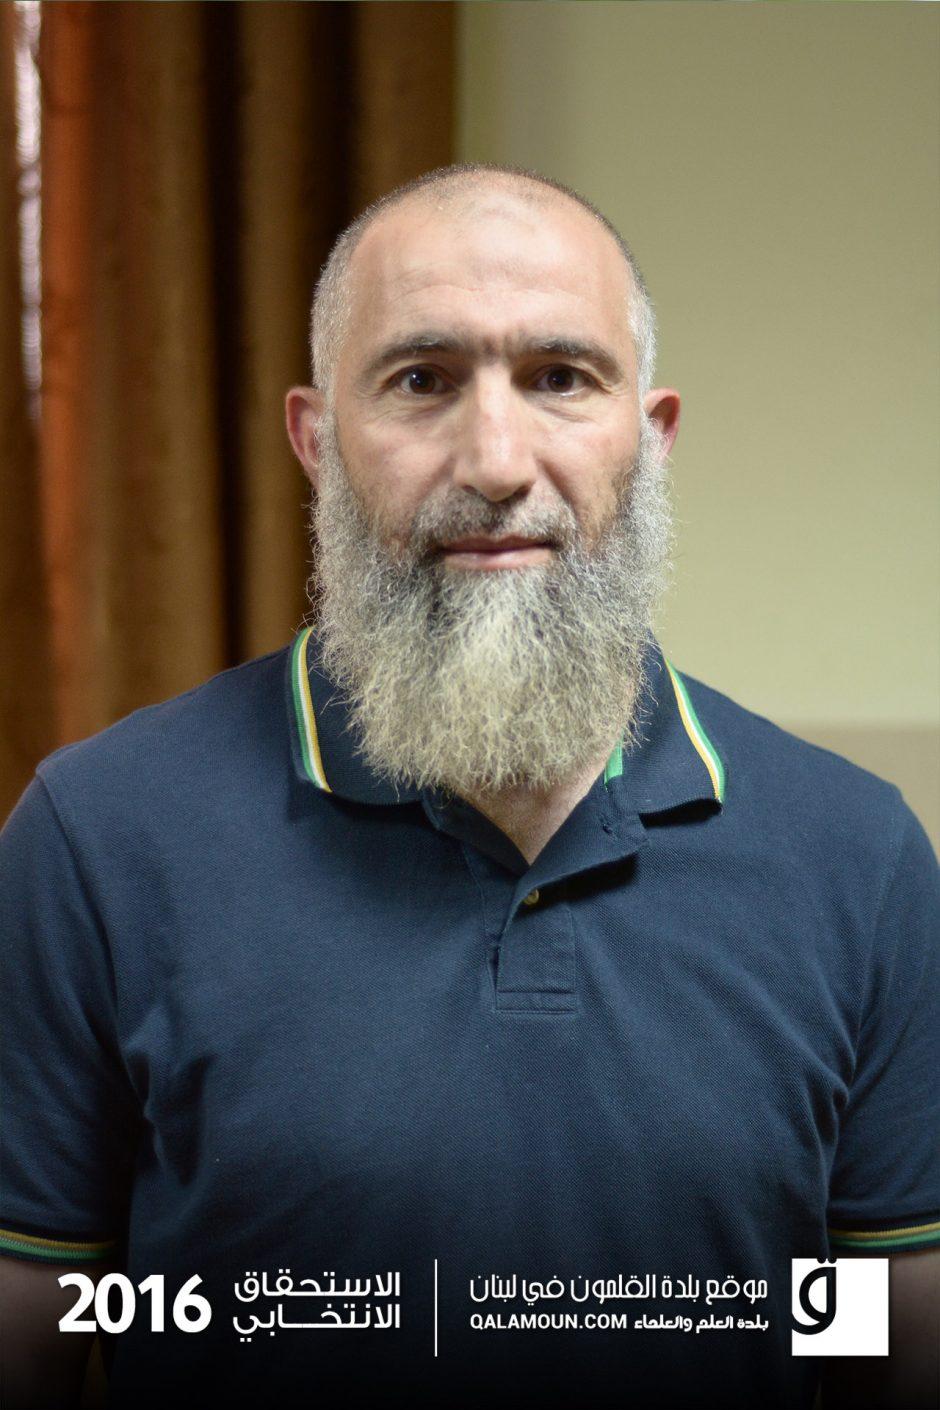 علي عبد الرحمن الظنط